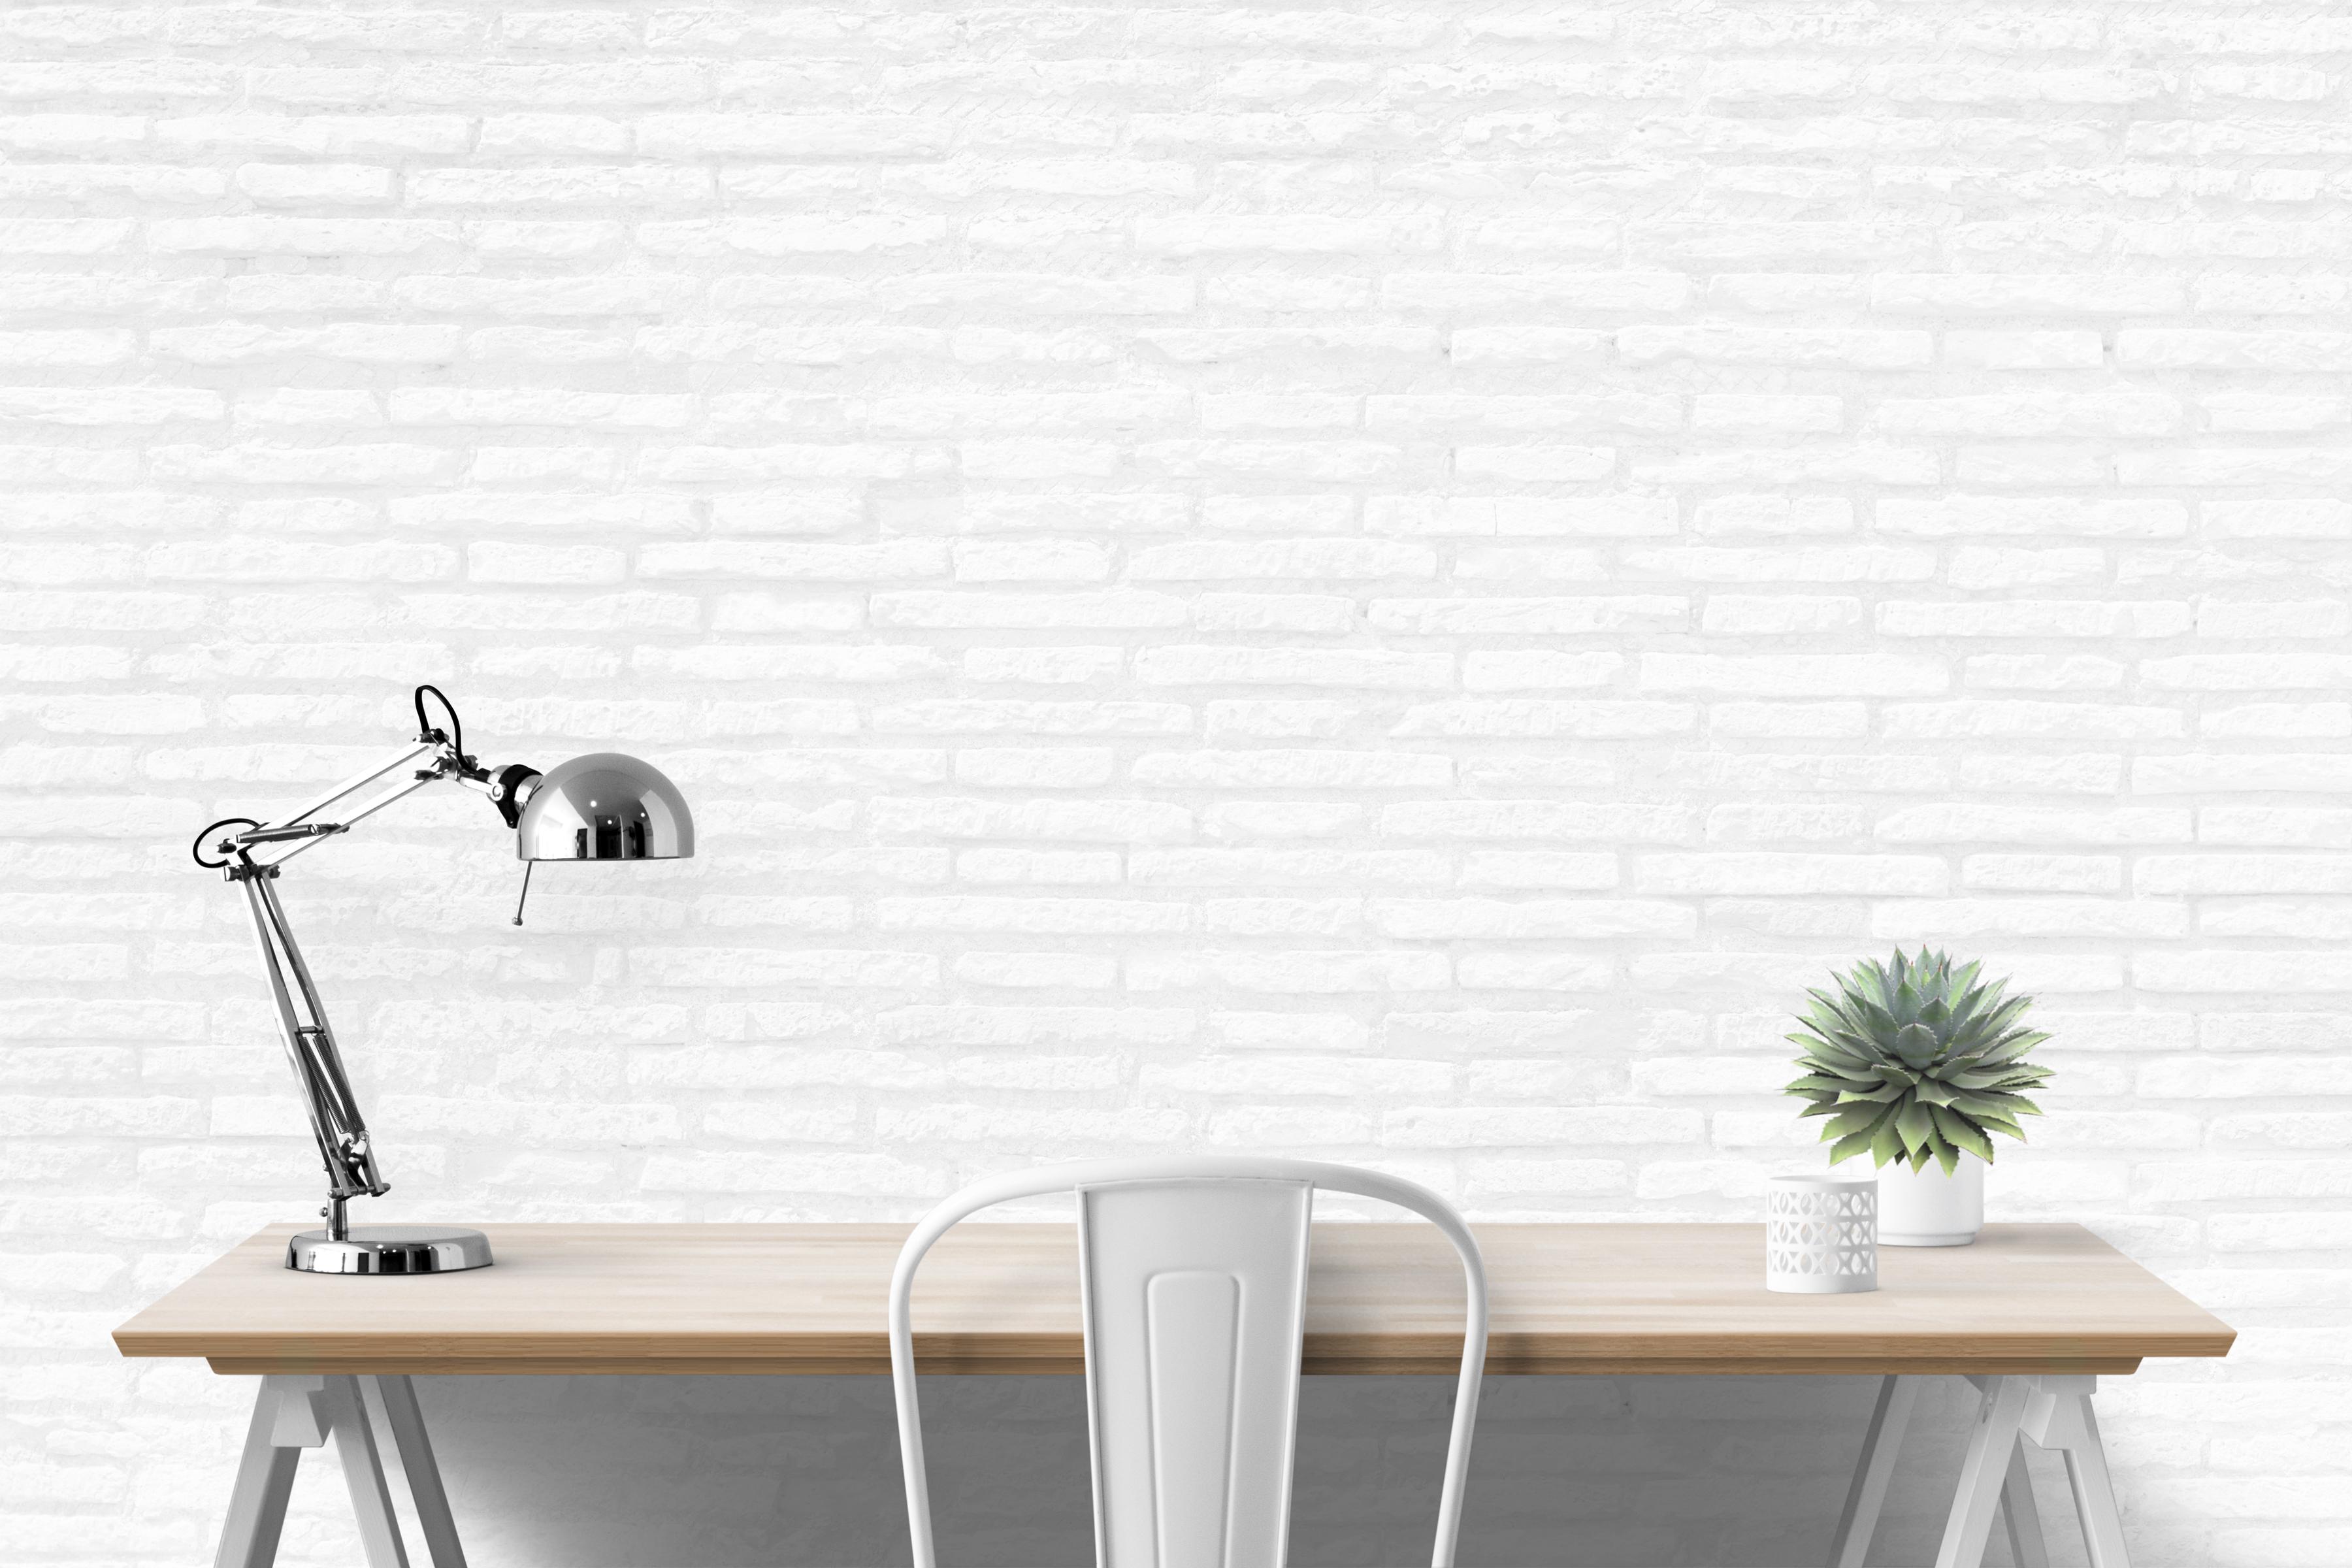 wall mockup, interior wall, desk mockup, blank wall mockup example image 4